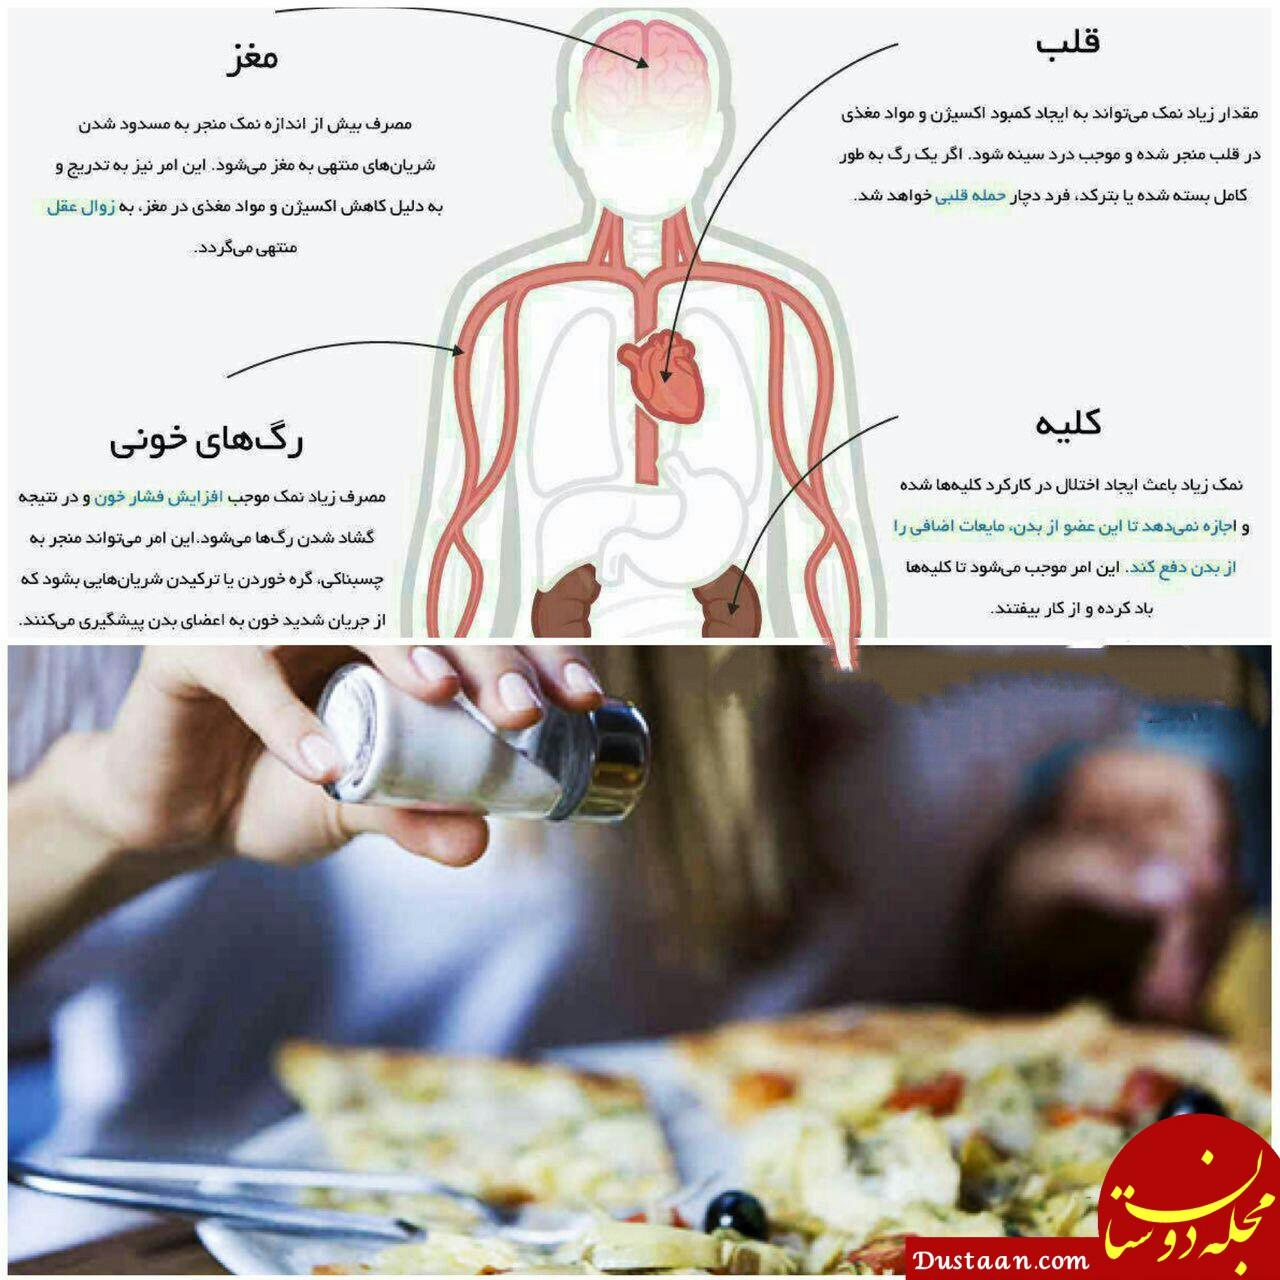 www.dustaan.com مصرف بیش از حد نمک با بدن انسان چه می کند؟!